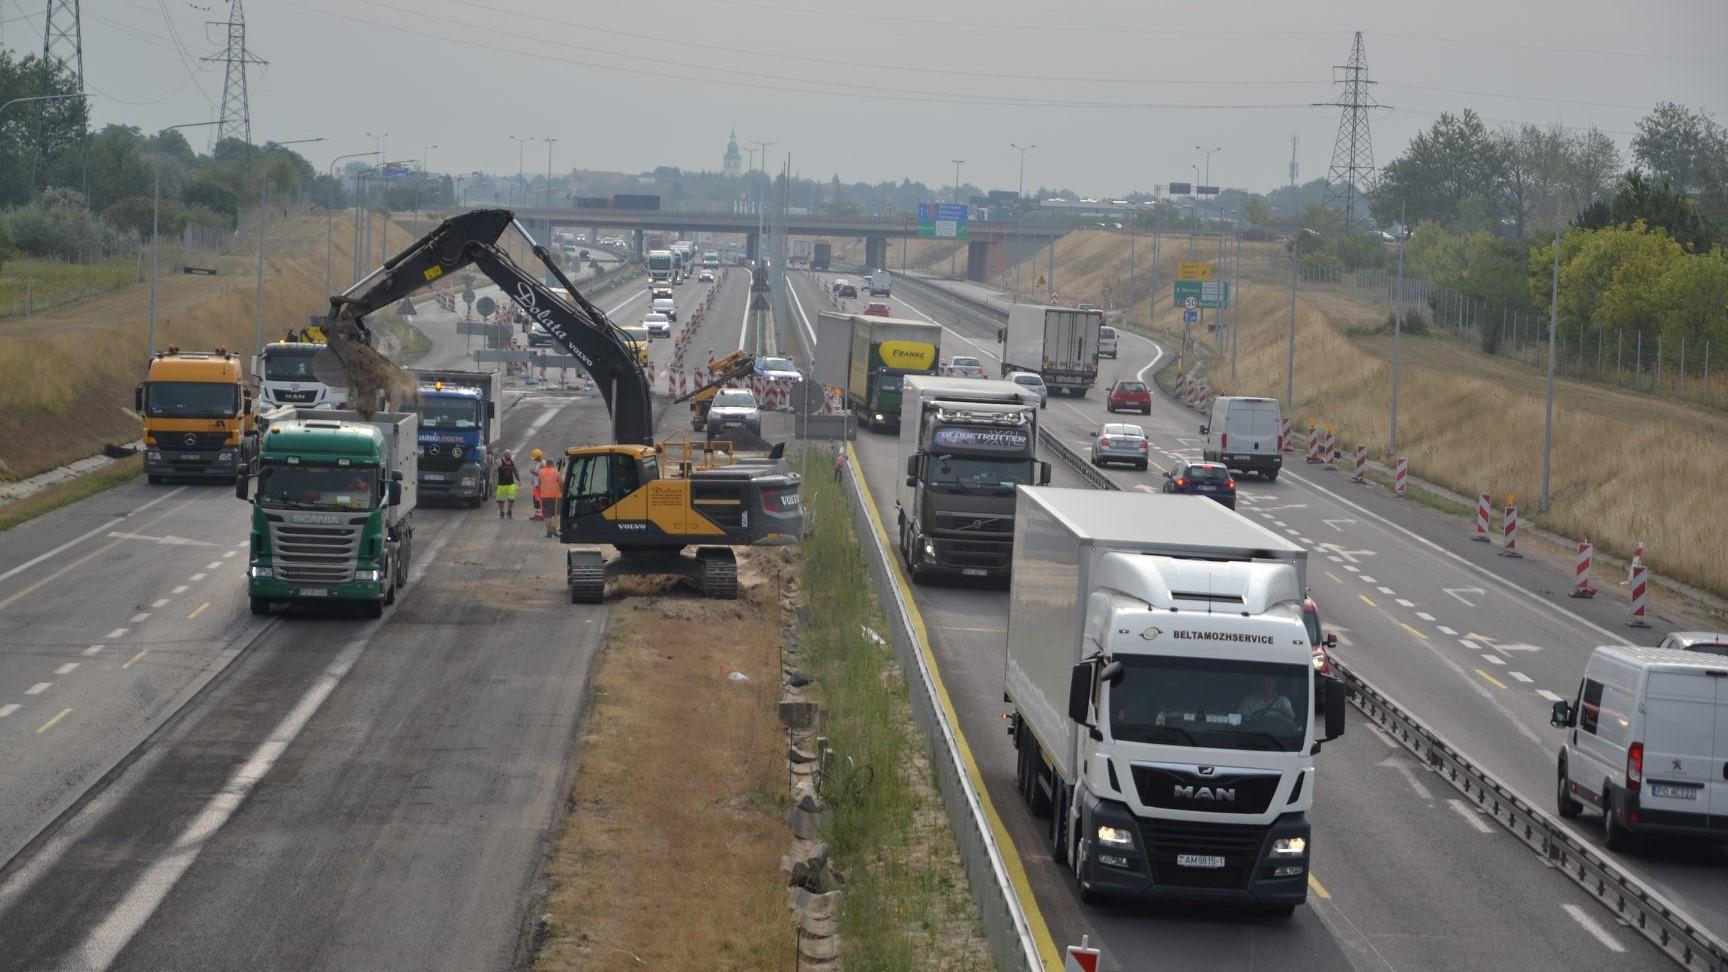 rozbudowa A2 - FB: Autostrady Polska